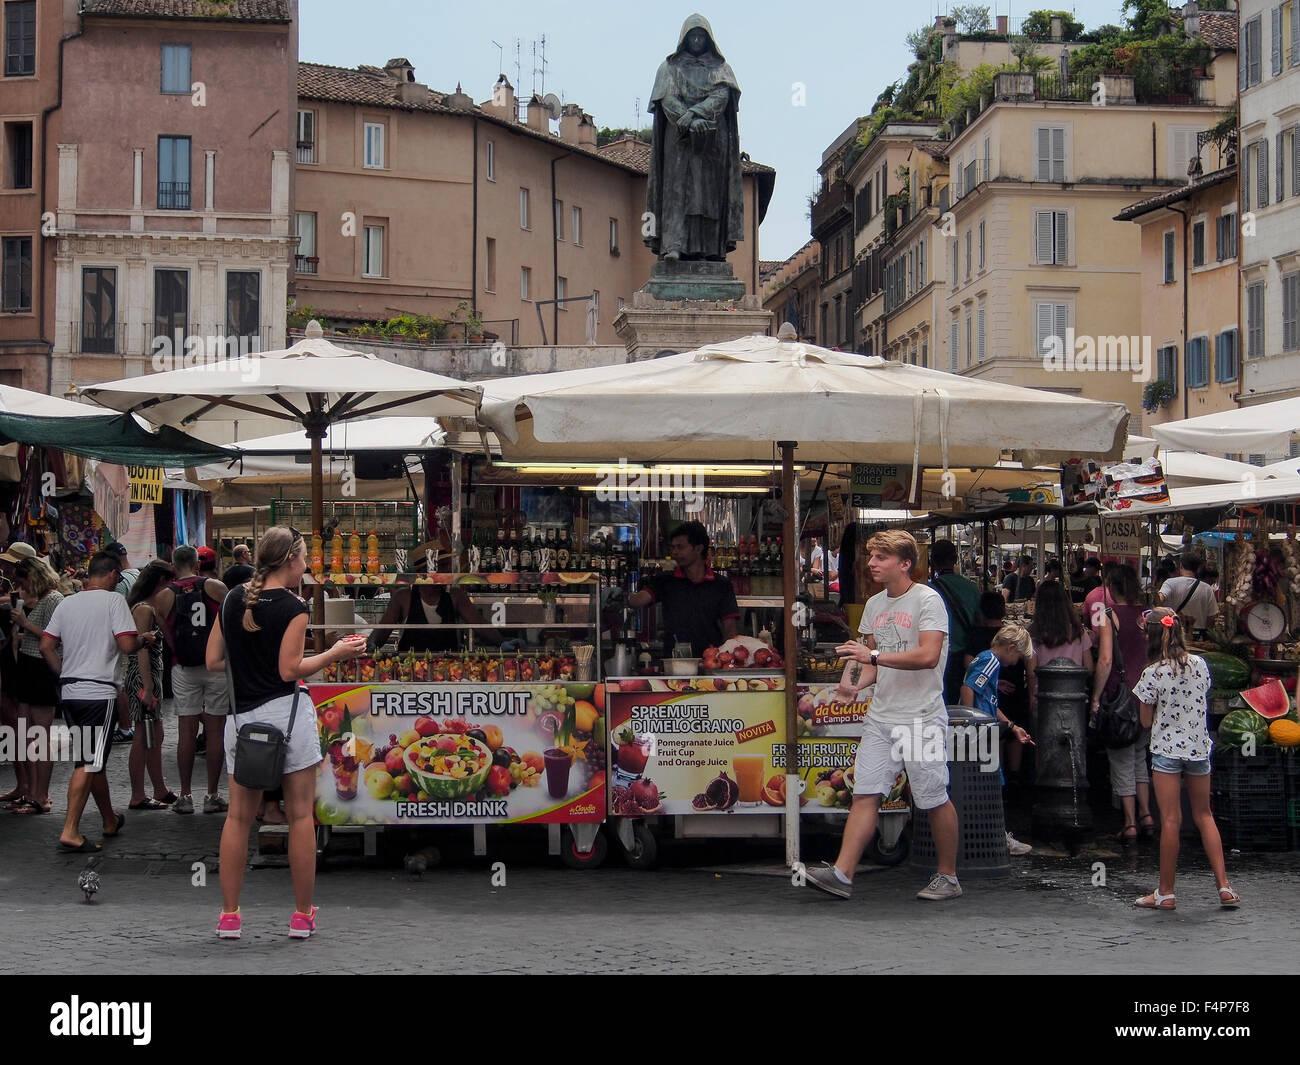 Statue of Giordano Bruno overlooking stalls on the Campo de' Fiori Market Mercato - Stock Image